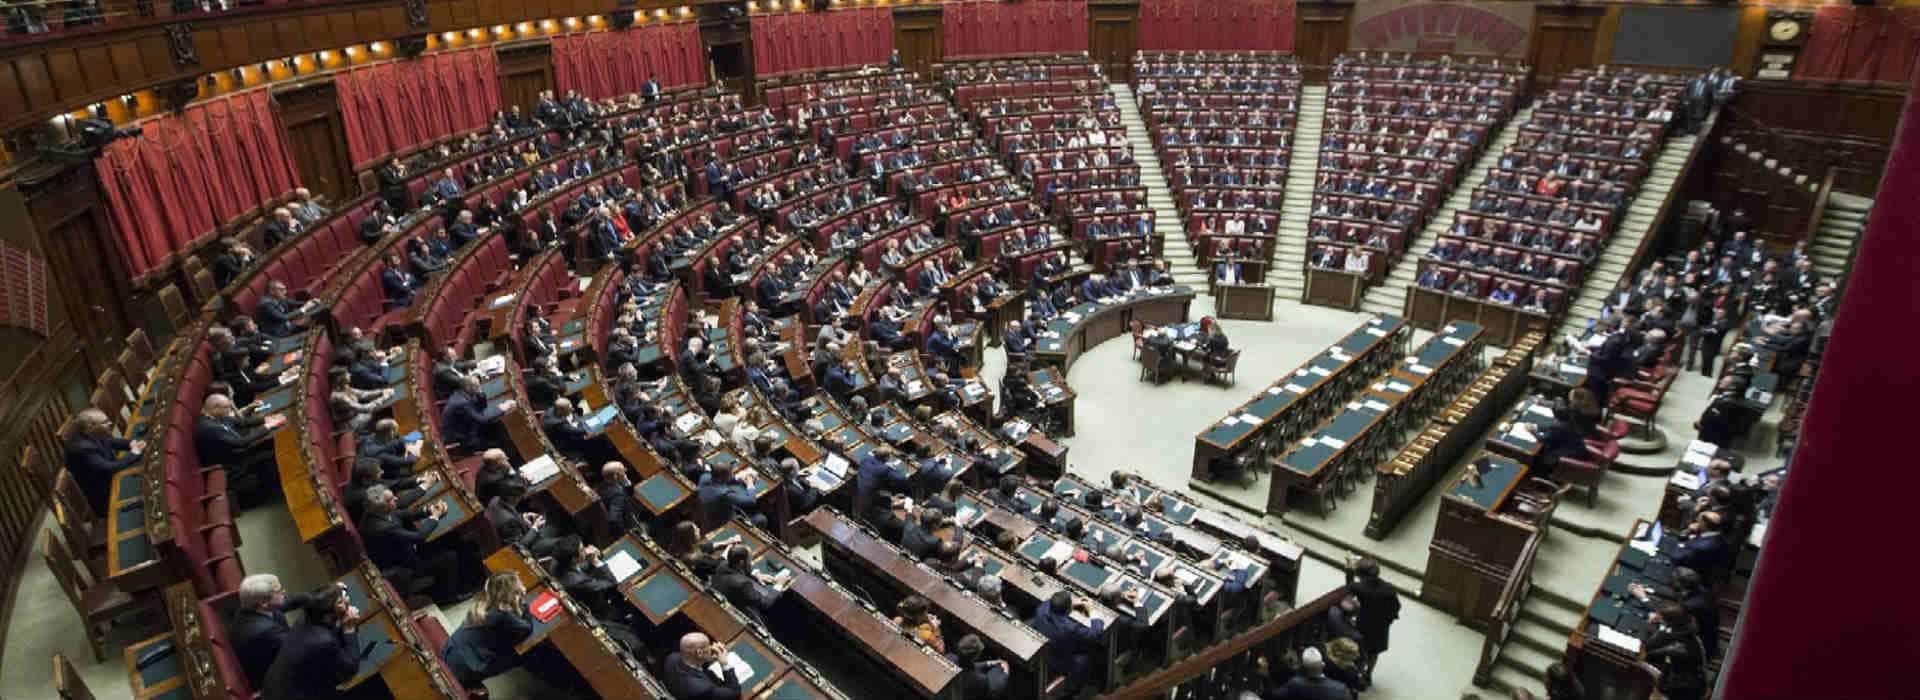 Immagine del Parlamento italiano che chiede una commissione d'inchiesta